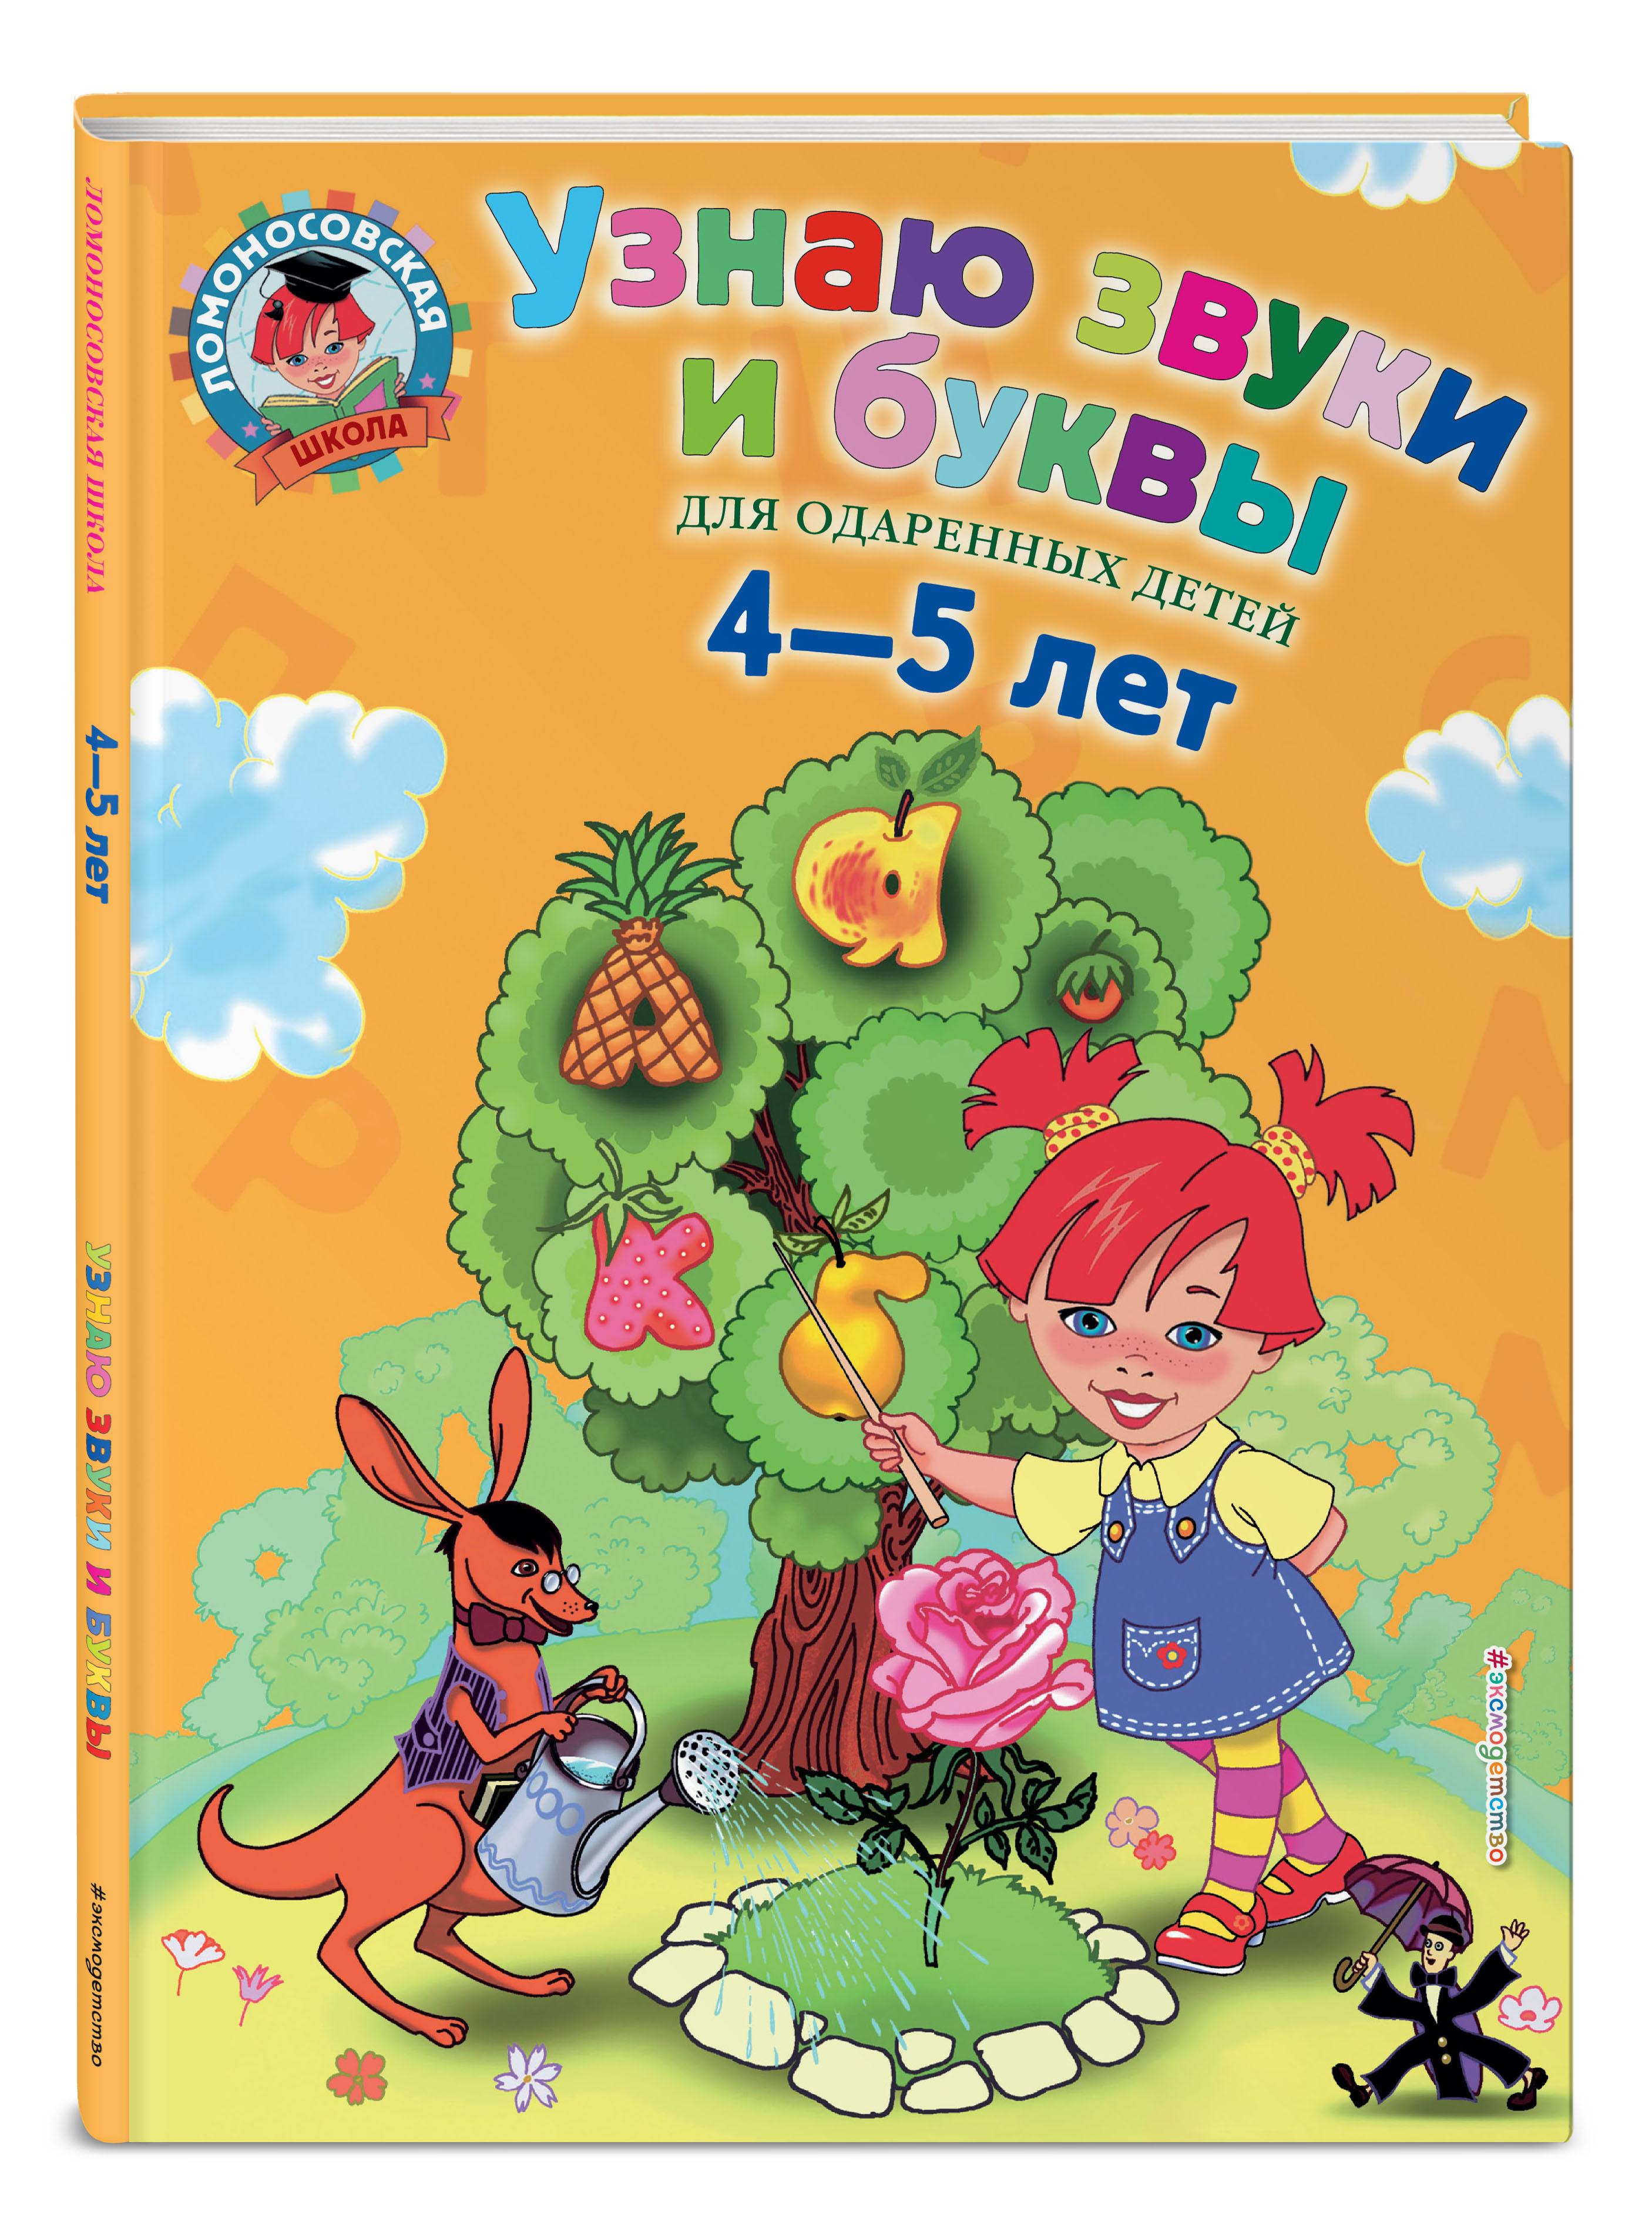 Пятак С.В. Узнаю звуки и буквы: для детей 4-5 лет ISBN: 978-5-699-62406-5 эксмо узнаю звуки и буквы для детей 4 5 лет